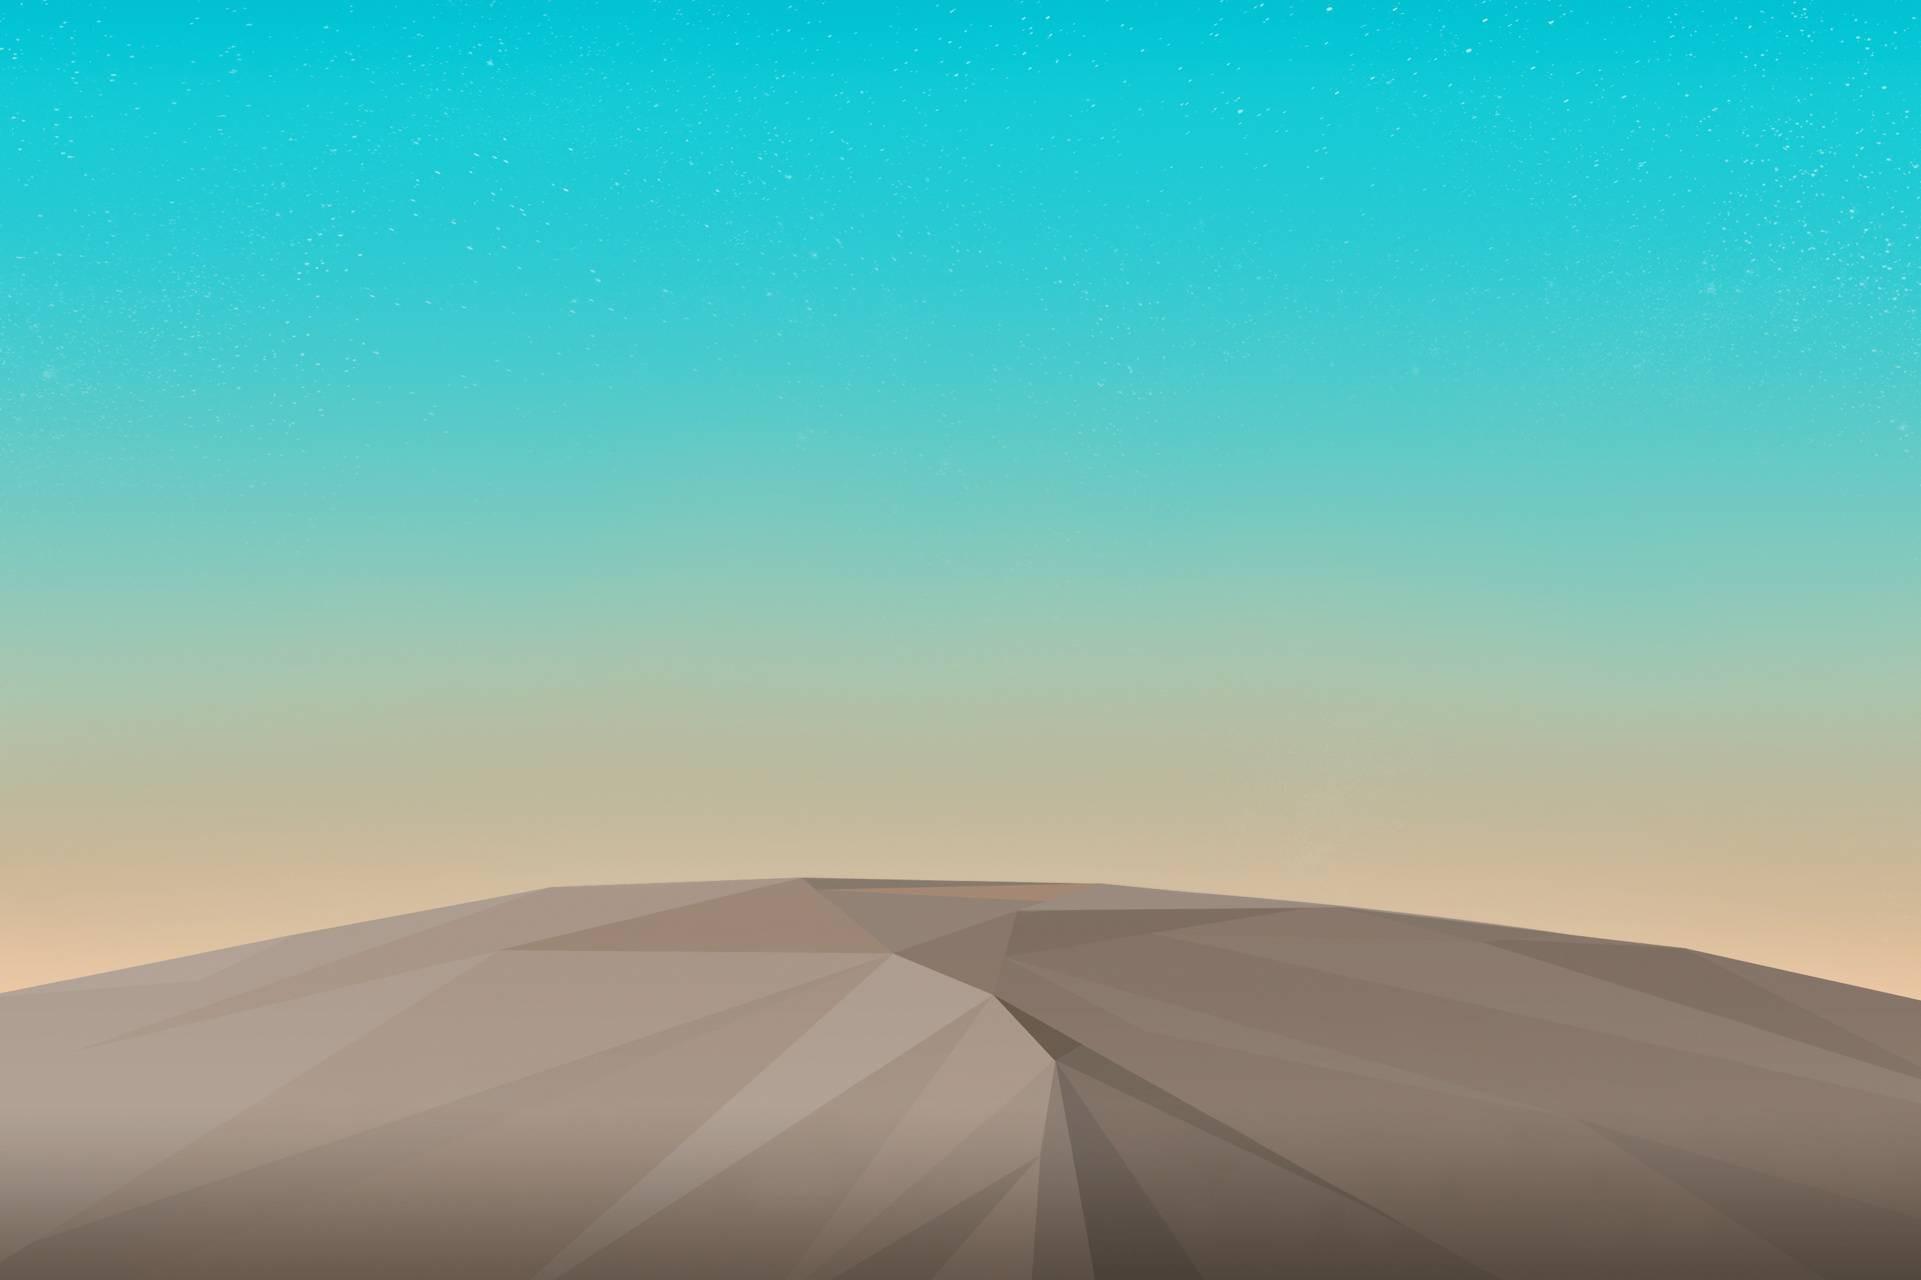 عکس زمینه LG G3 دشت ساده پس زمینه